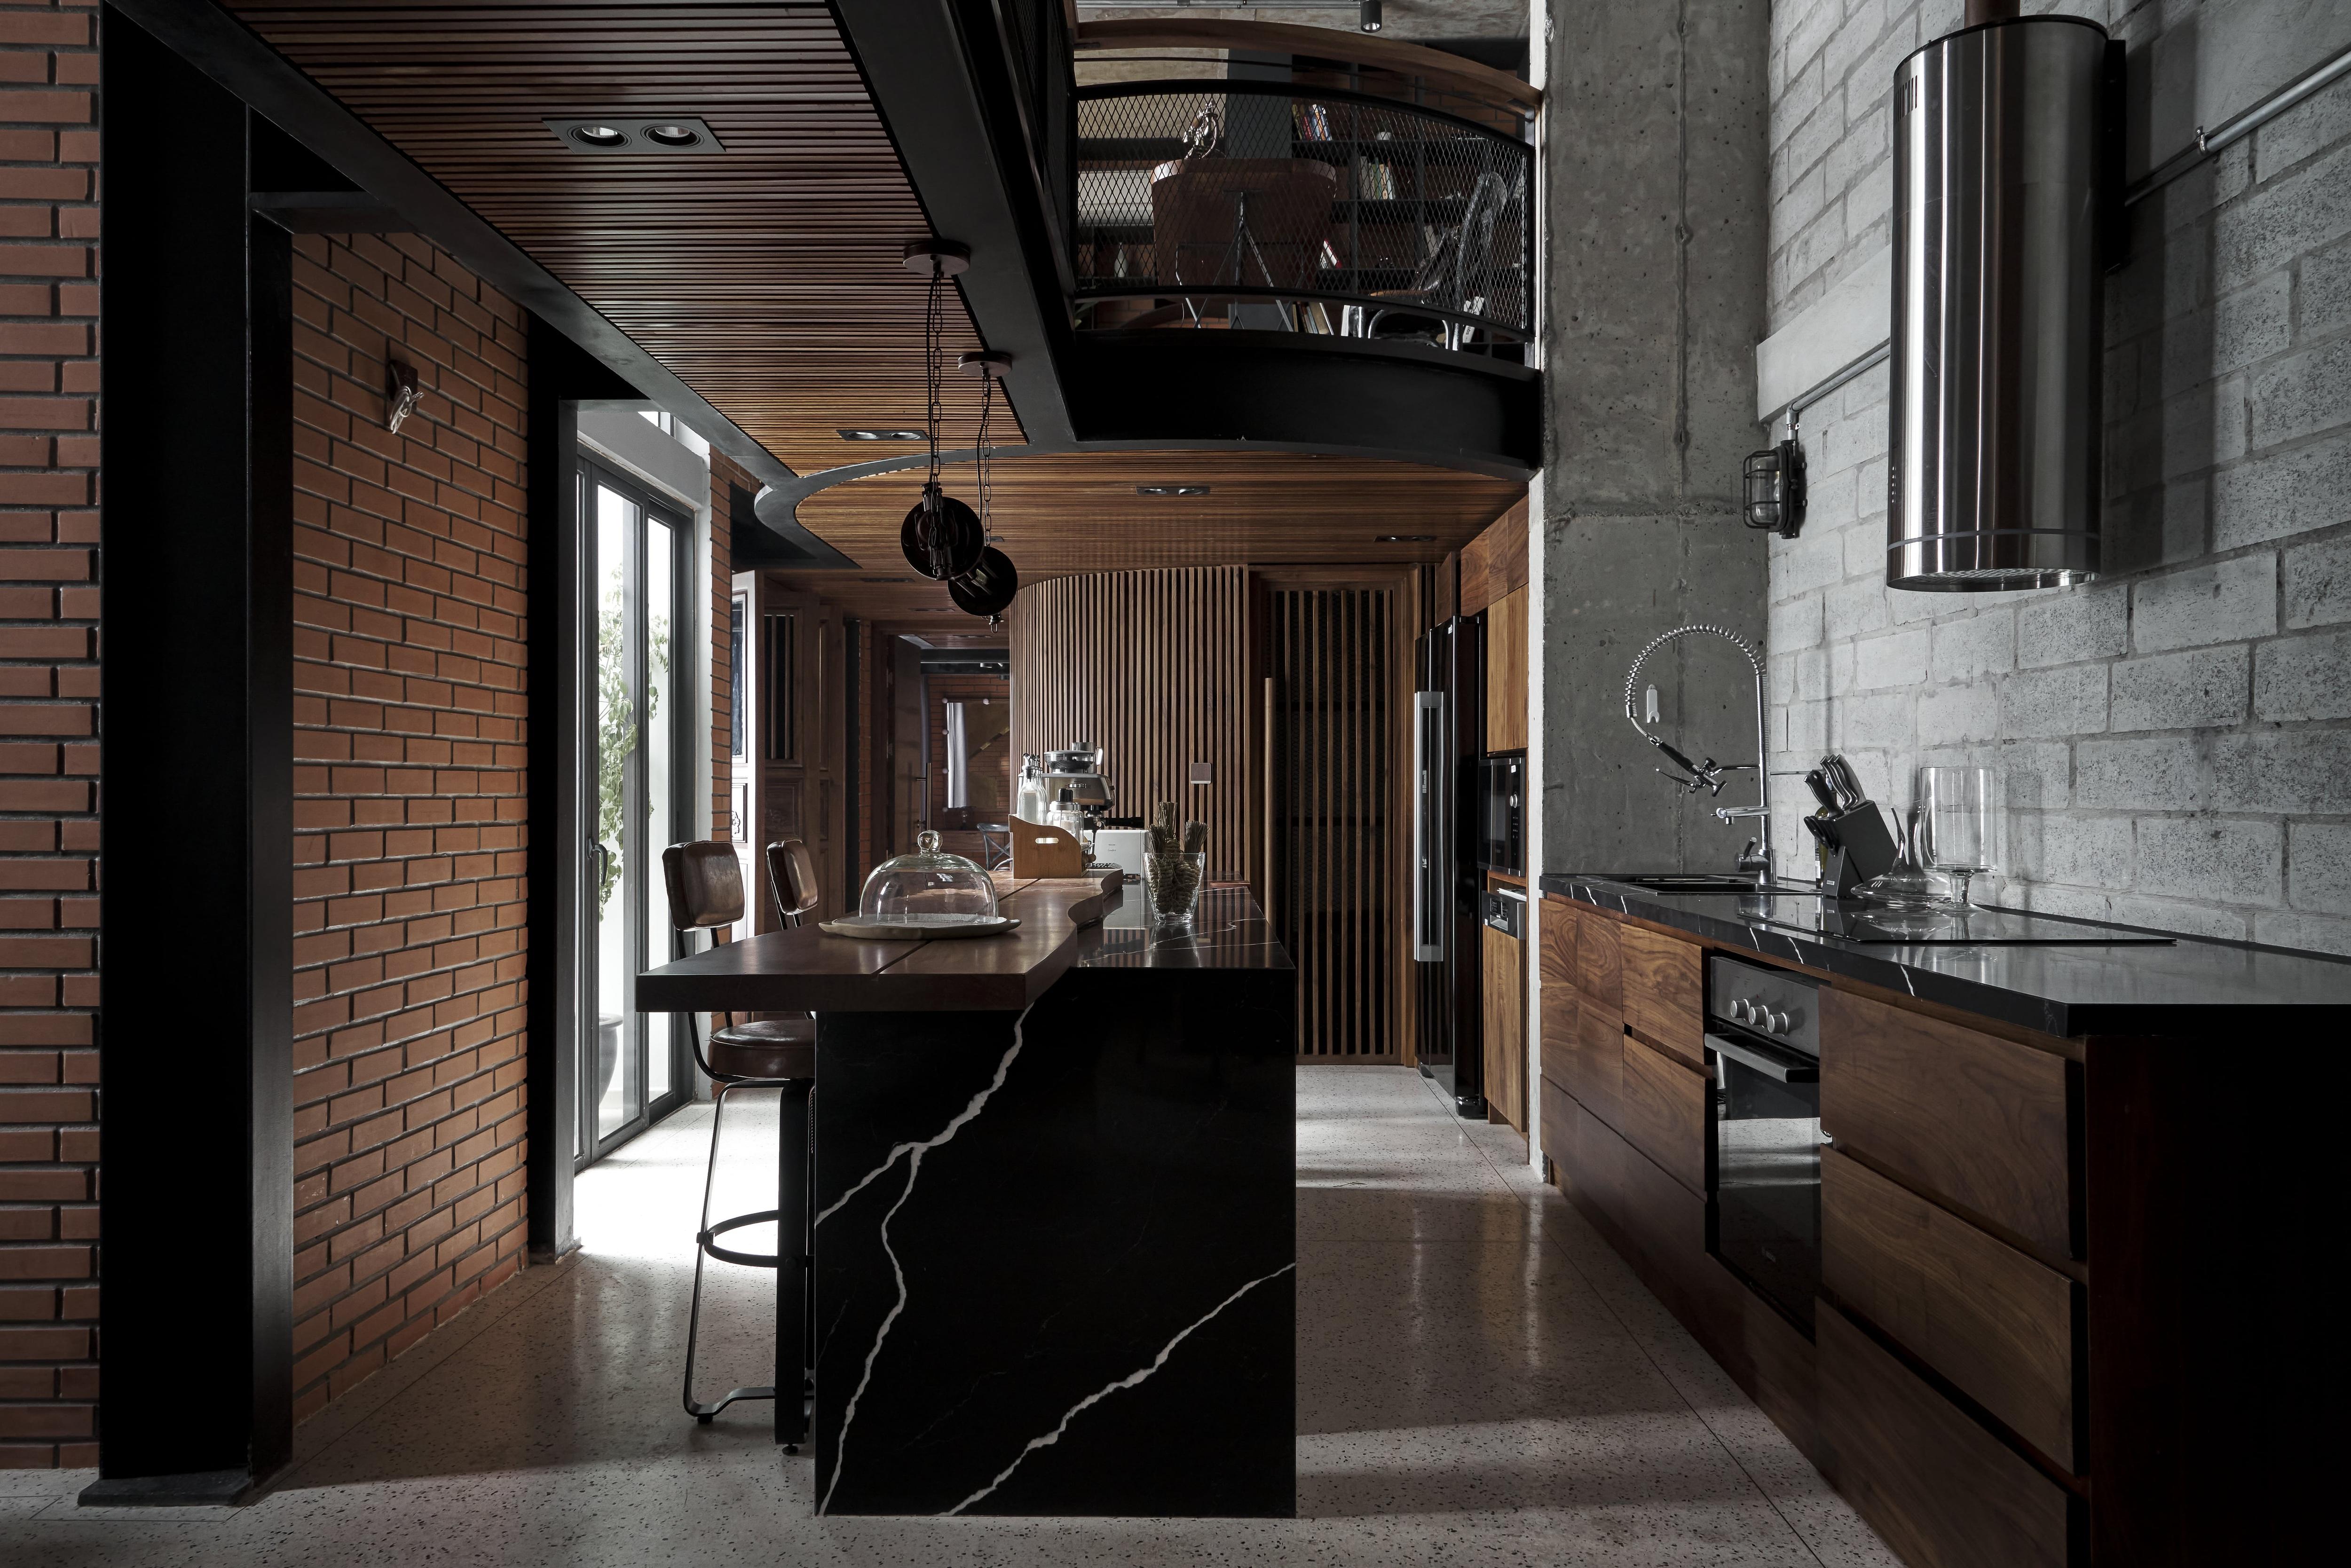 Căn penthouse ven Hà Nội gây choáng với vẻ hầm hố, đậm chất nghệ sĩ - 5